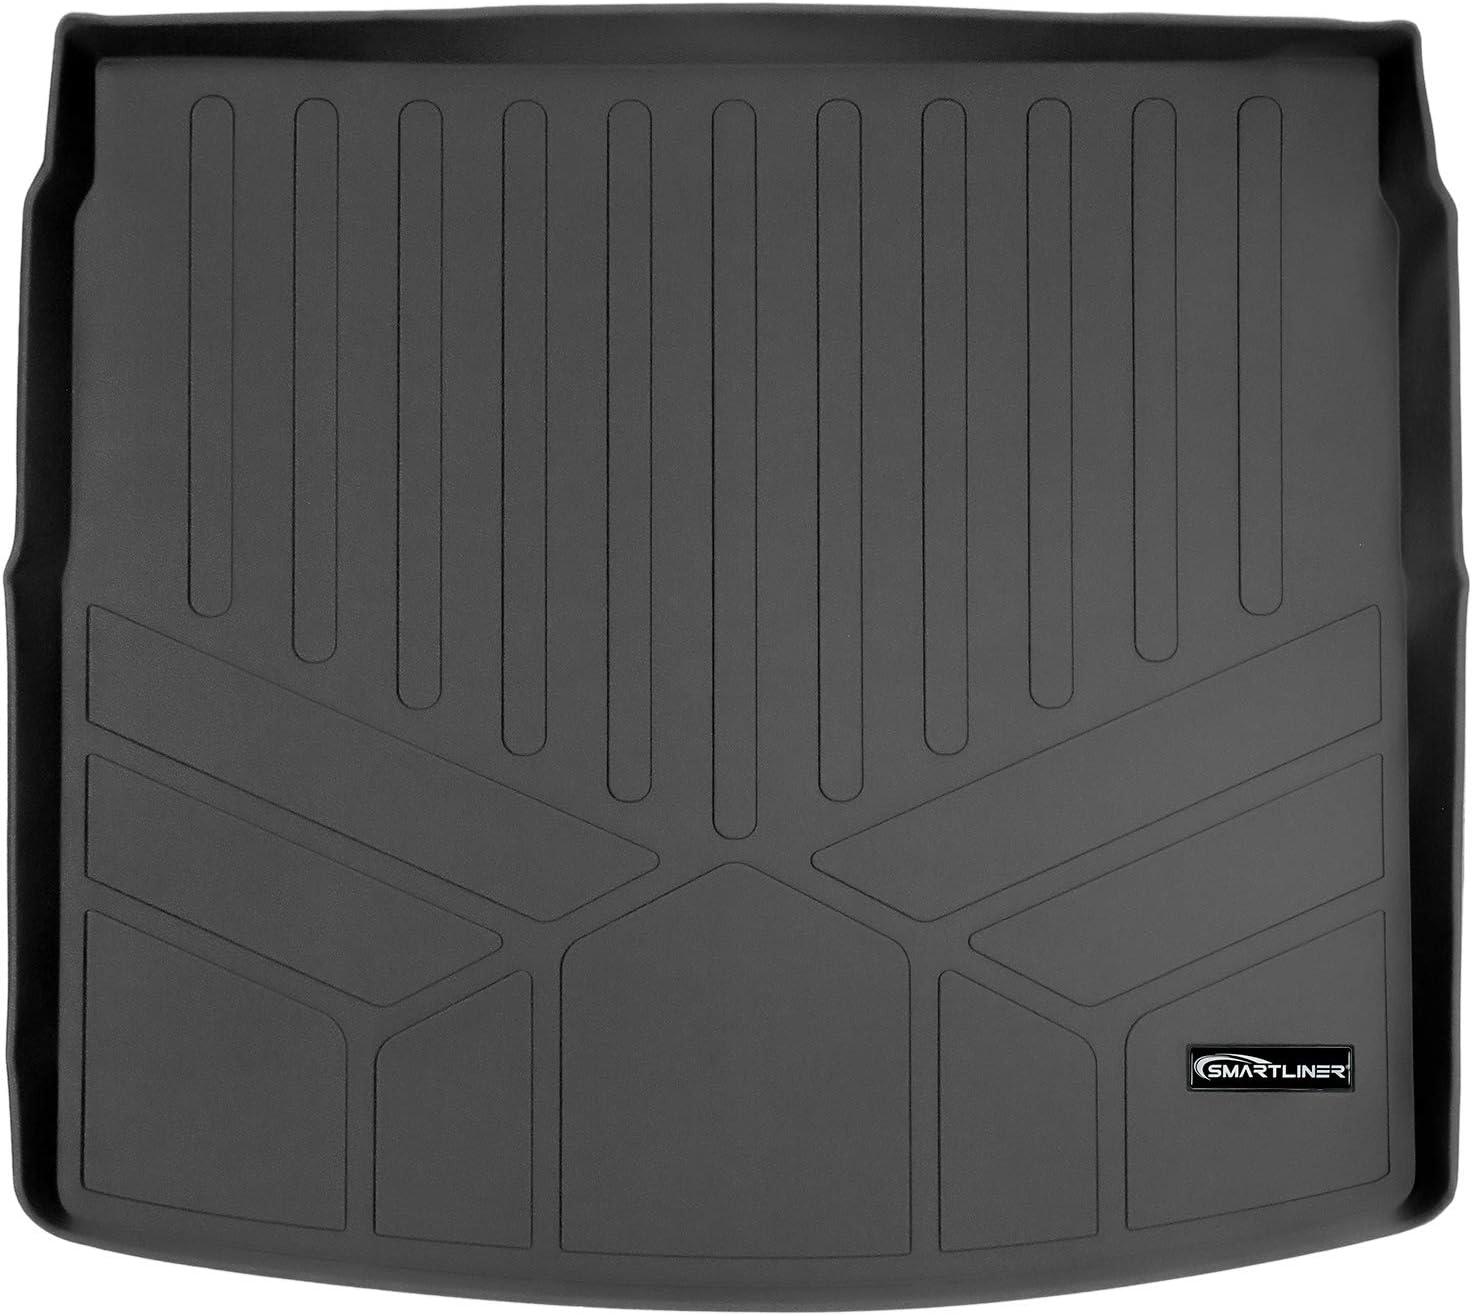 MAXLINER Cargo Trunk Liner Floor Mat Black for 2017-2019 Honda CR-V Liner fits Factory Cargo Deck in Upper Position